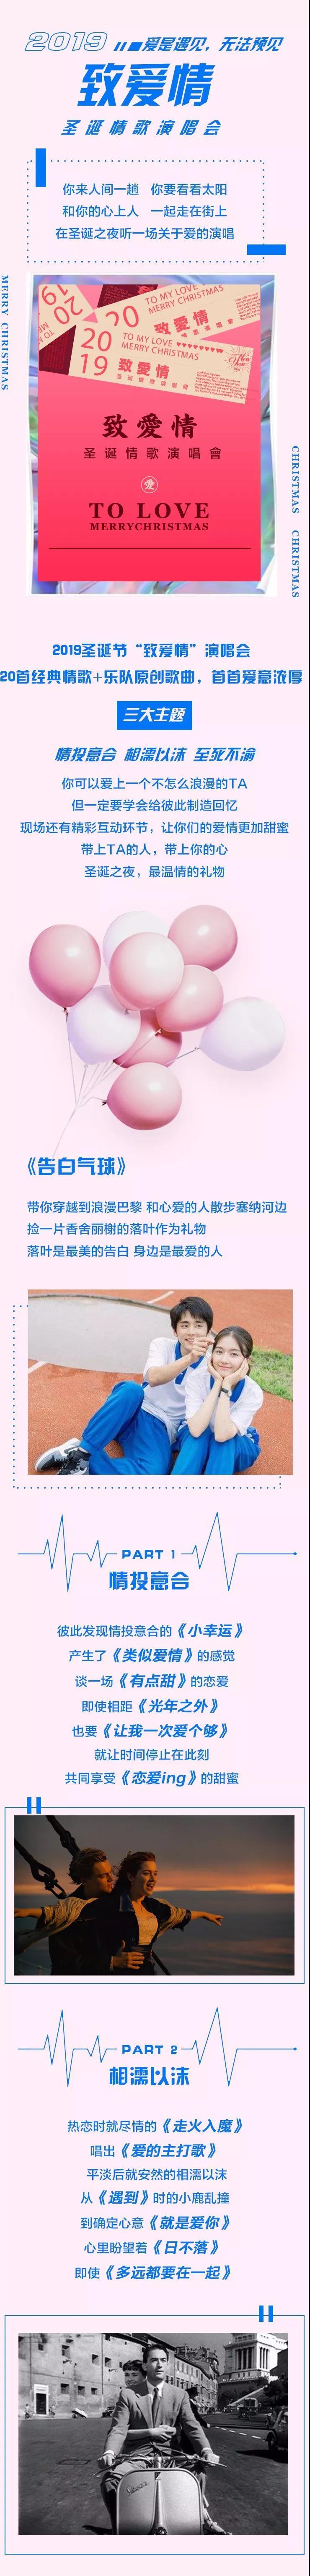 """2019圣诞节""""致爱情""""演唱会上海、杭州、南京一起来升华我们的爱情吧!"""